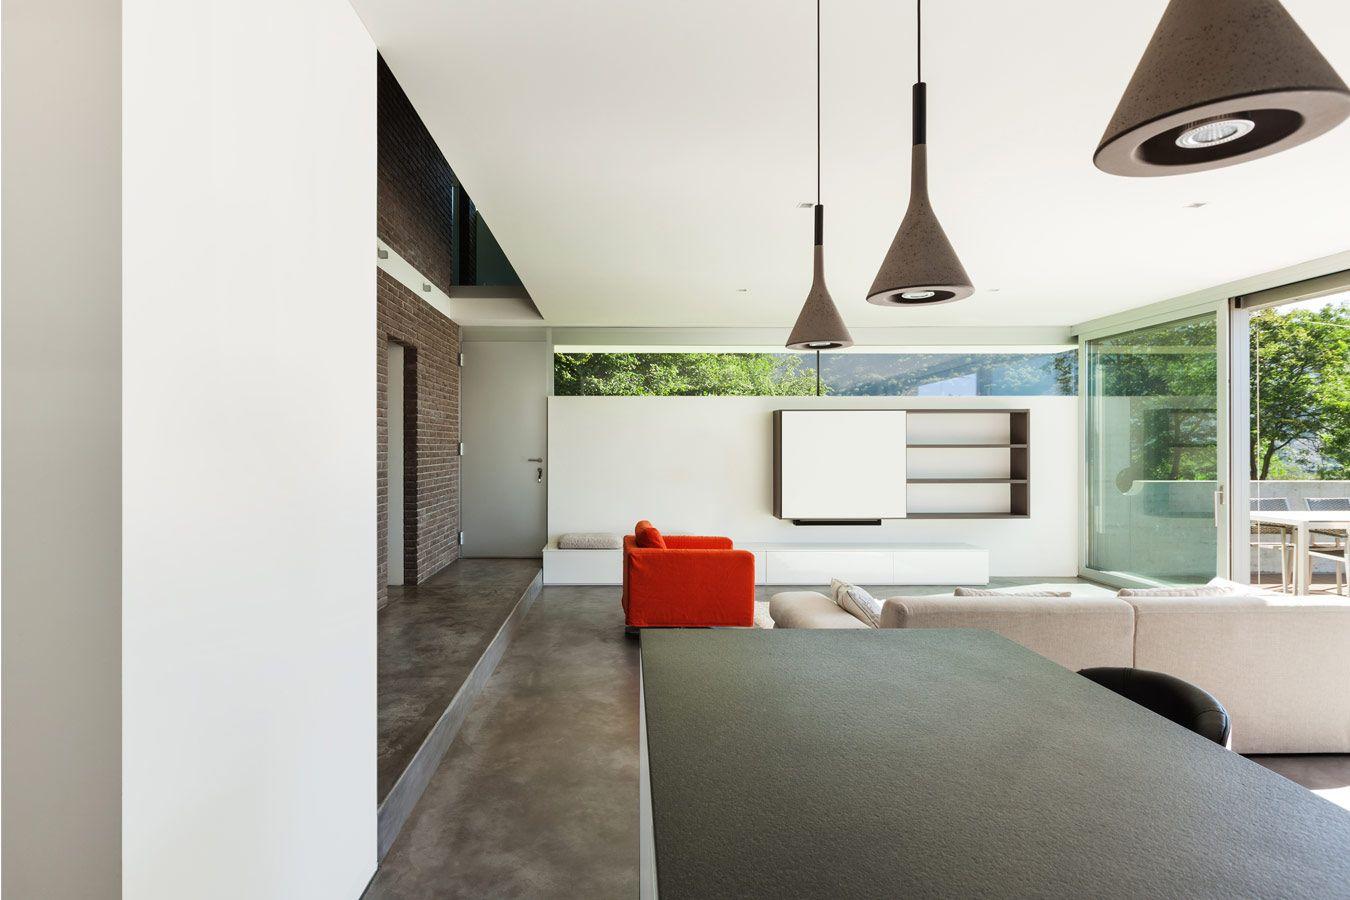 Woonkamer met betonvloer en grote ramen  interieur